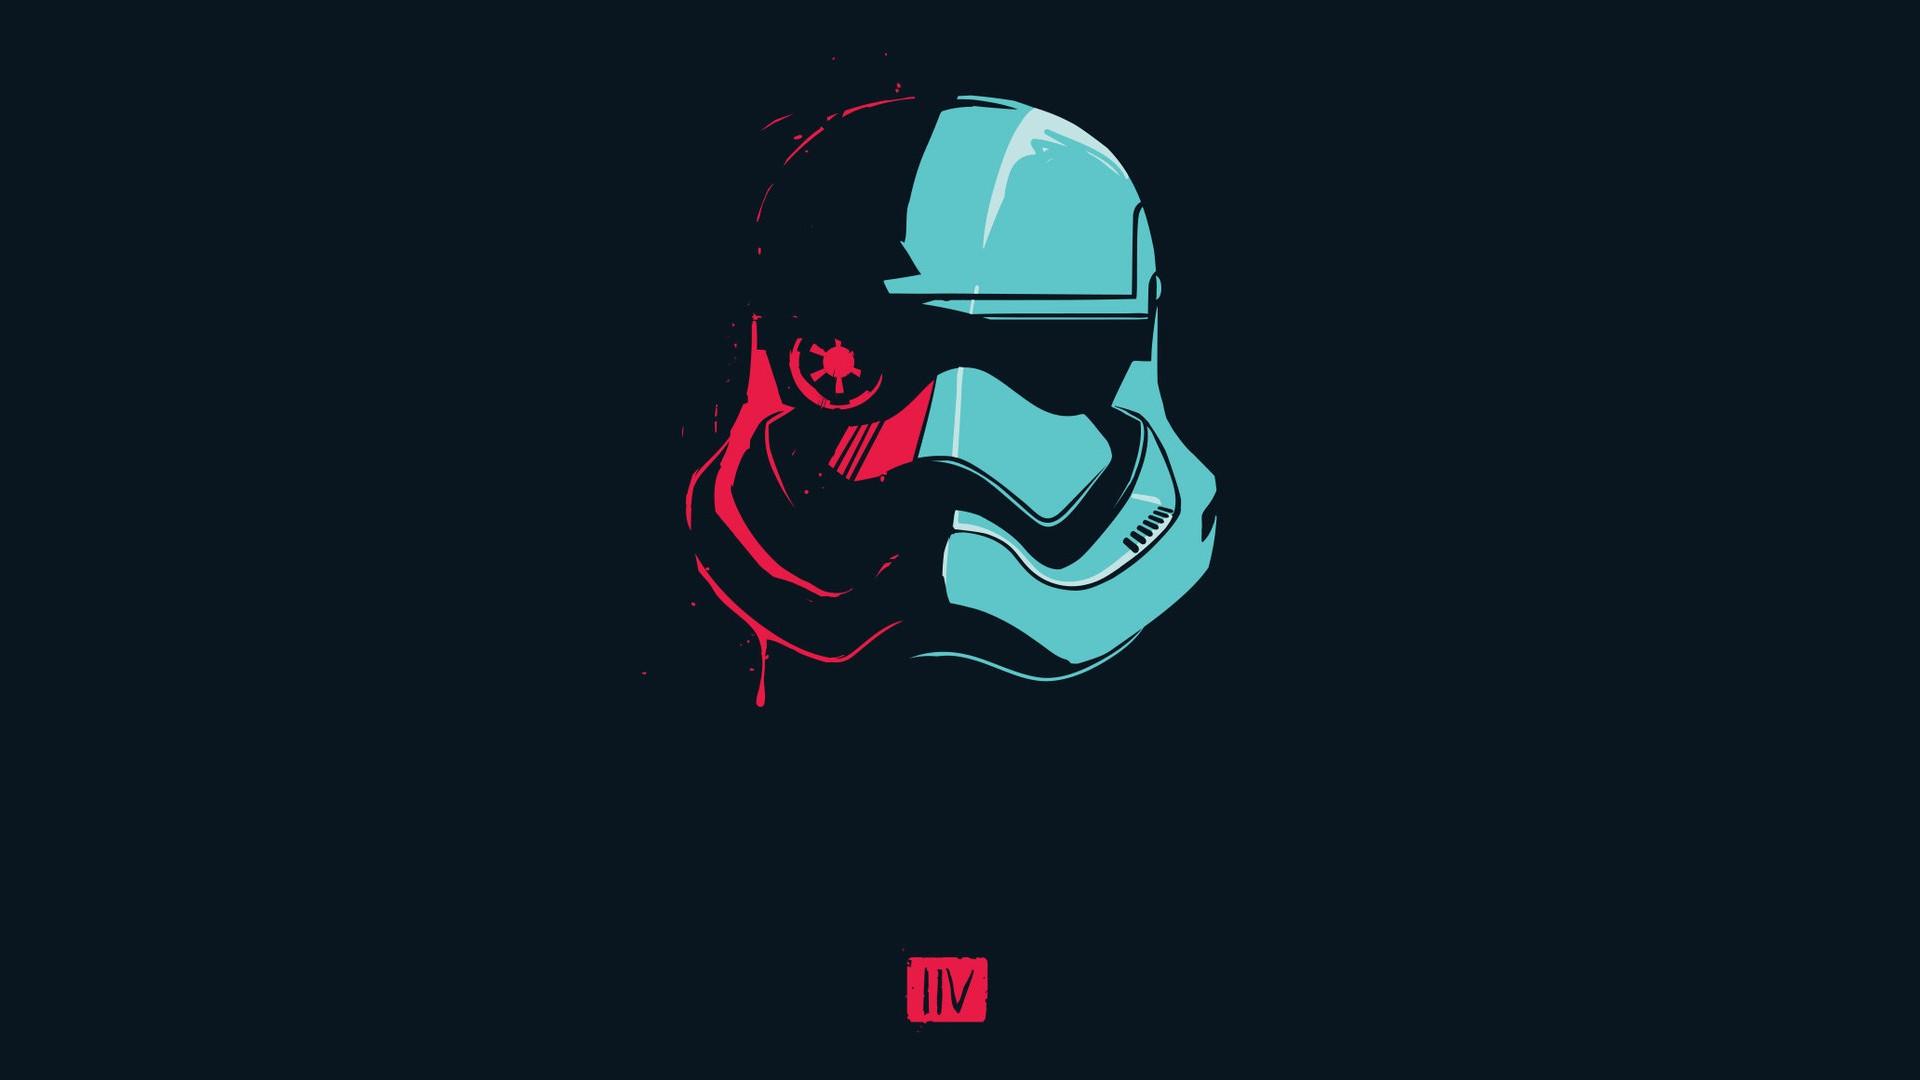 Star Wars Desktop Backgrounds Hd Posted By John Peltier